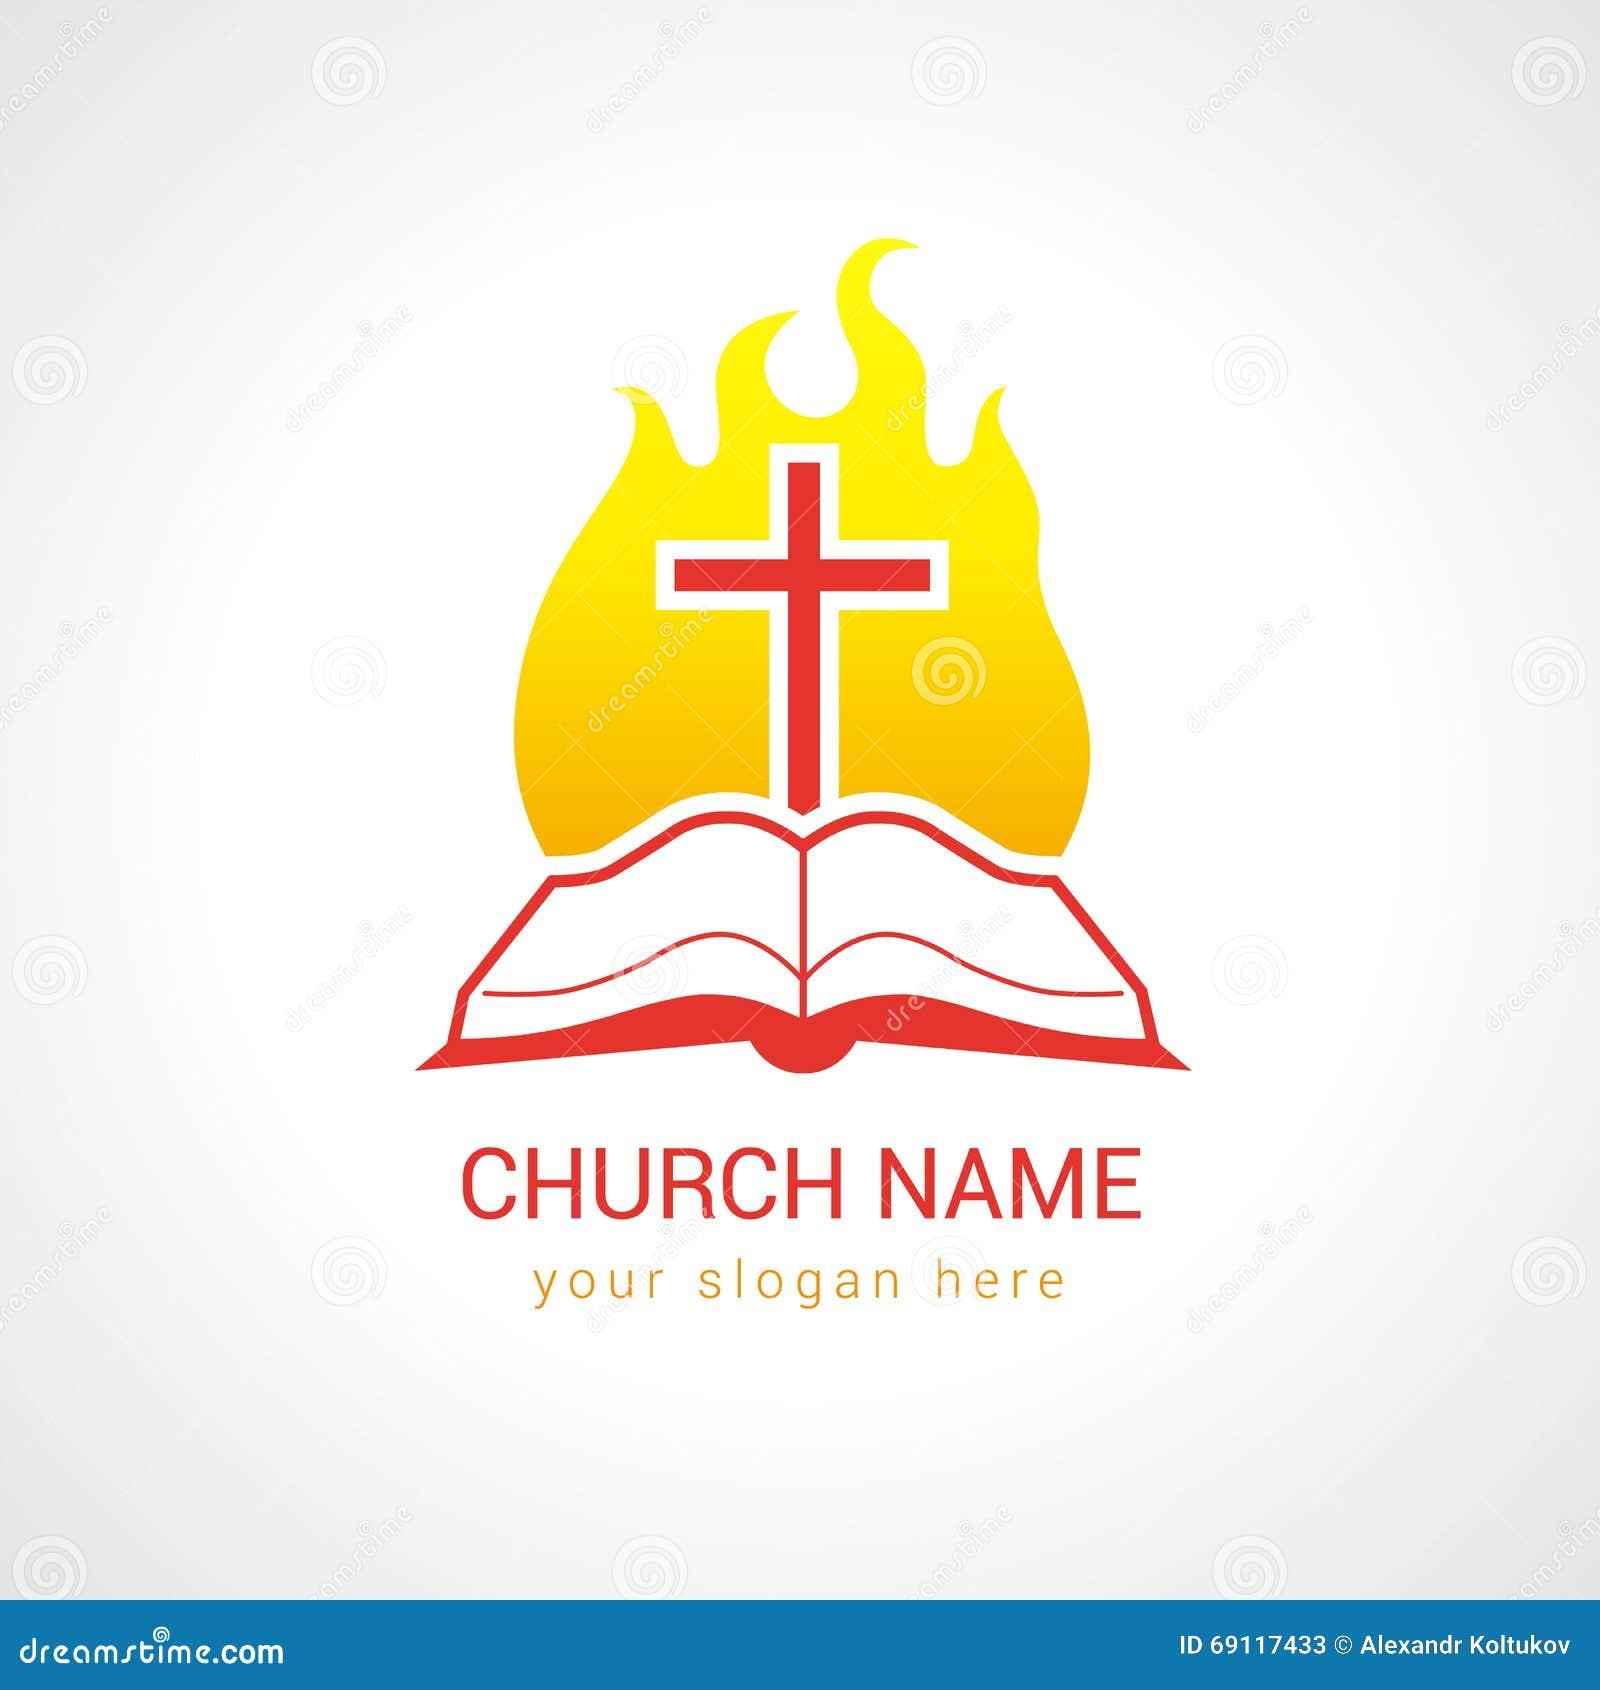 Cruz en el logotipo de la iglesia de la biblia de la llama